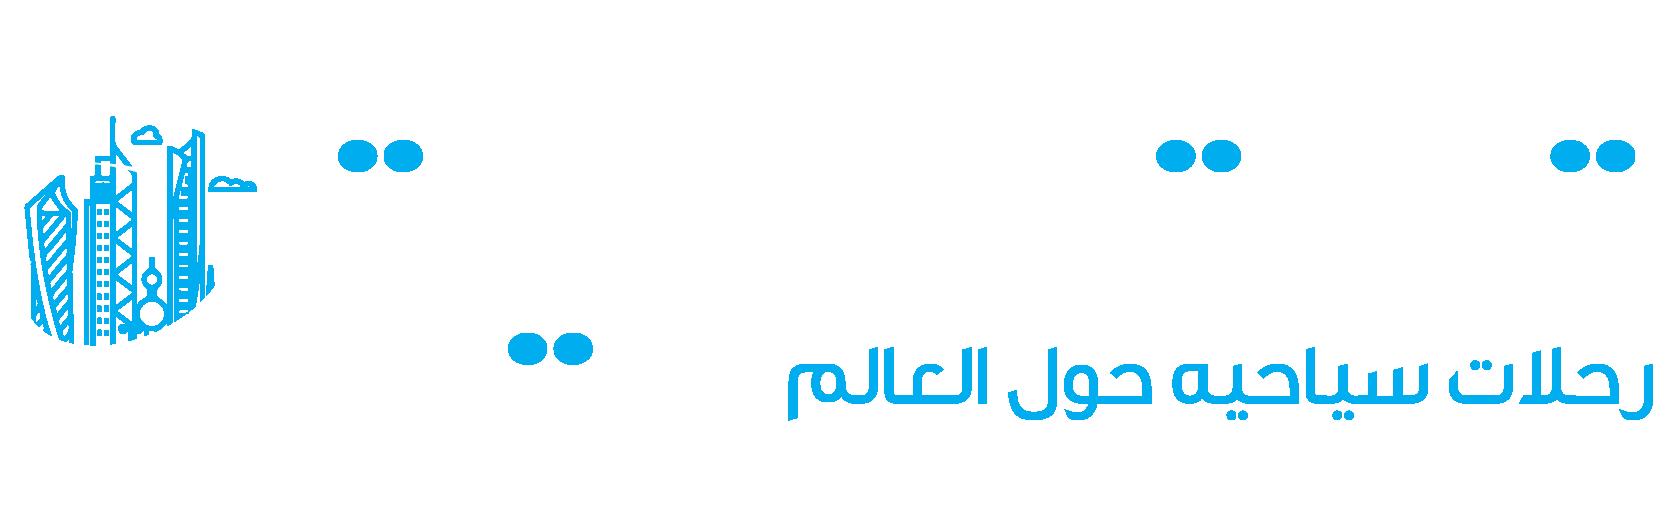 Zitadelle von Kuwait